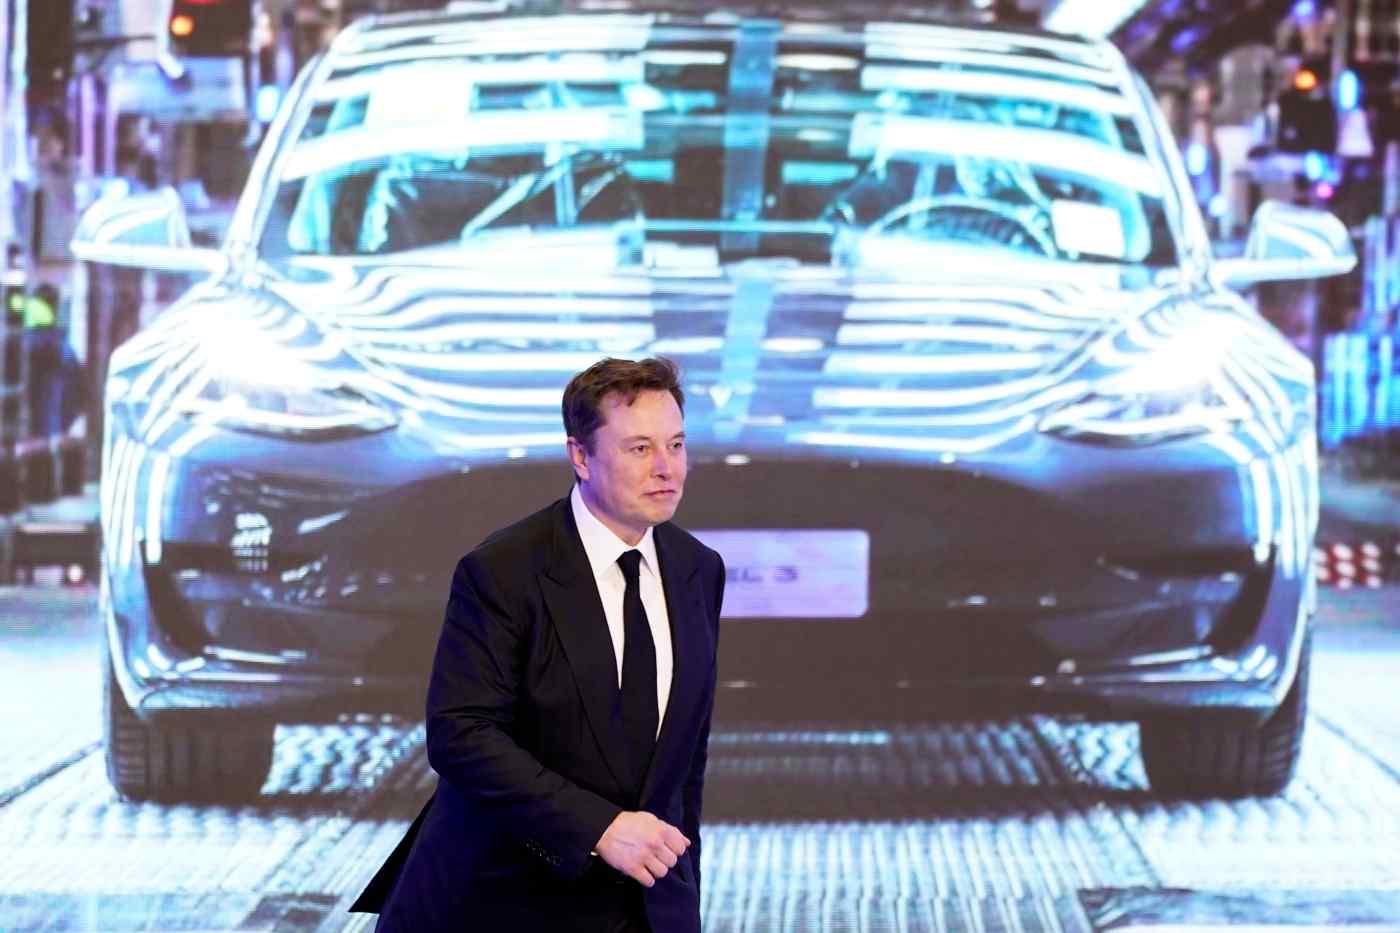 Giám đốc điều hành Tesla Elon Musk sẽ không còn tham dự mọi cuộc gọi thu nhập, bắt đầu từ quý tới, tỷ phú công nghệ này đã thông báo hôm thứ Hai. © Reuters